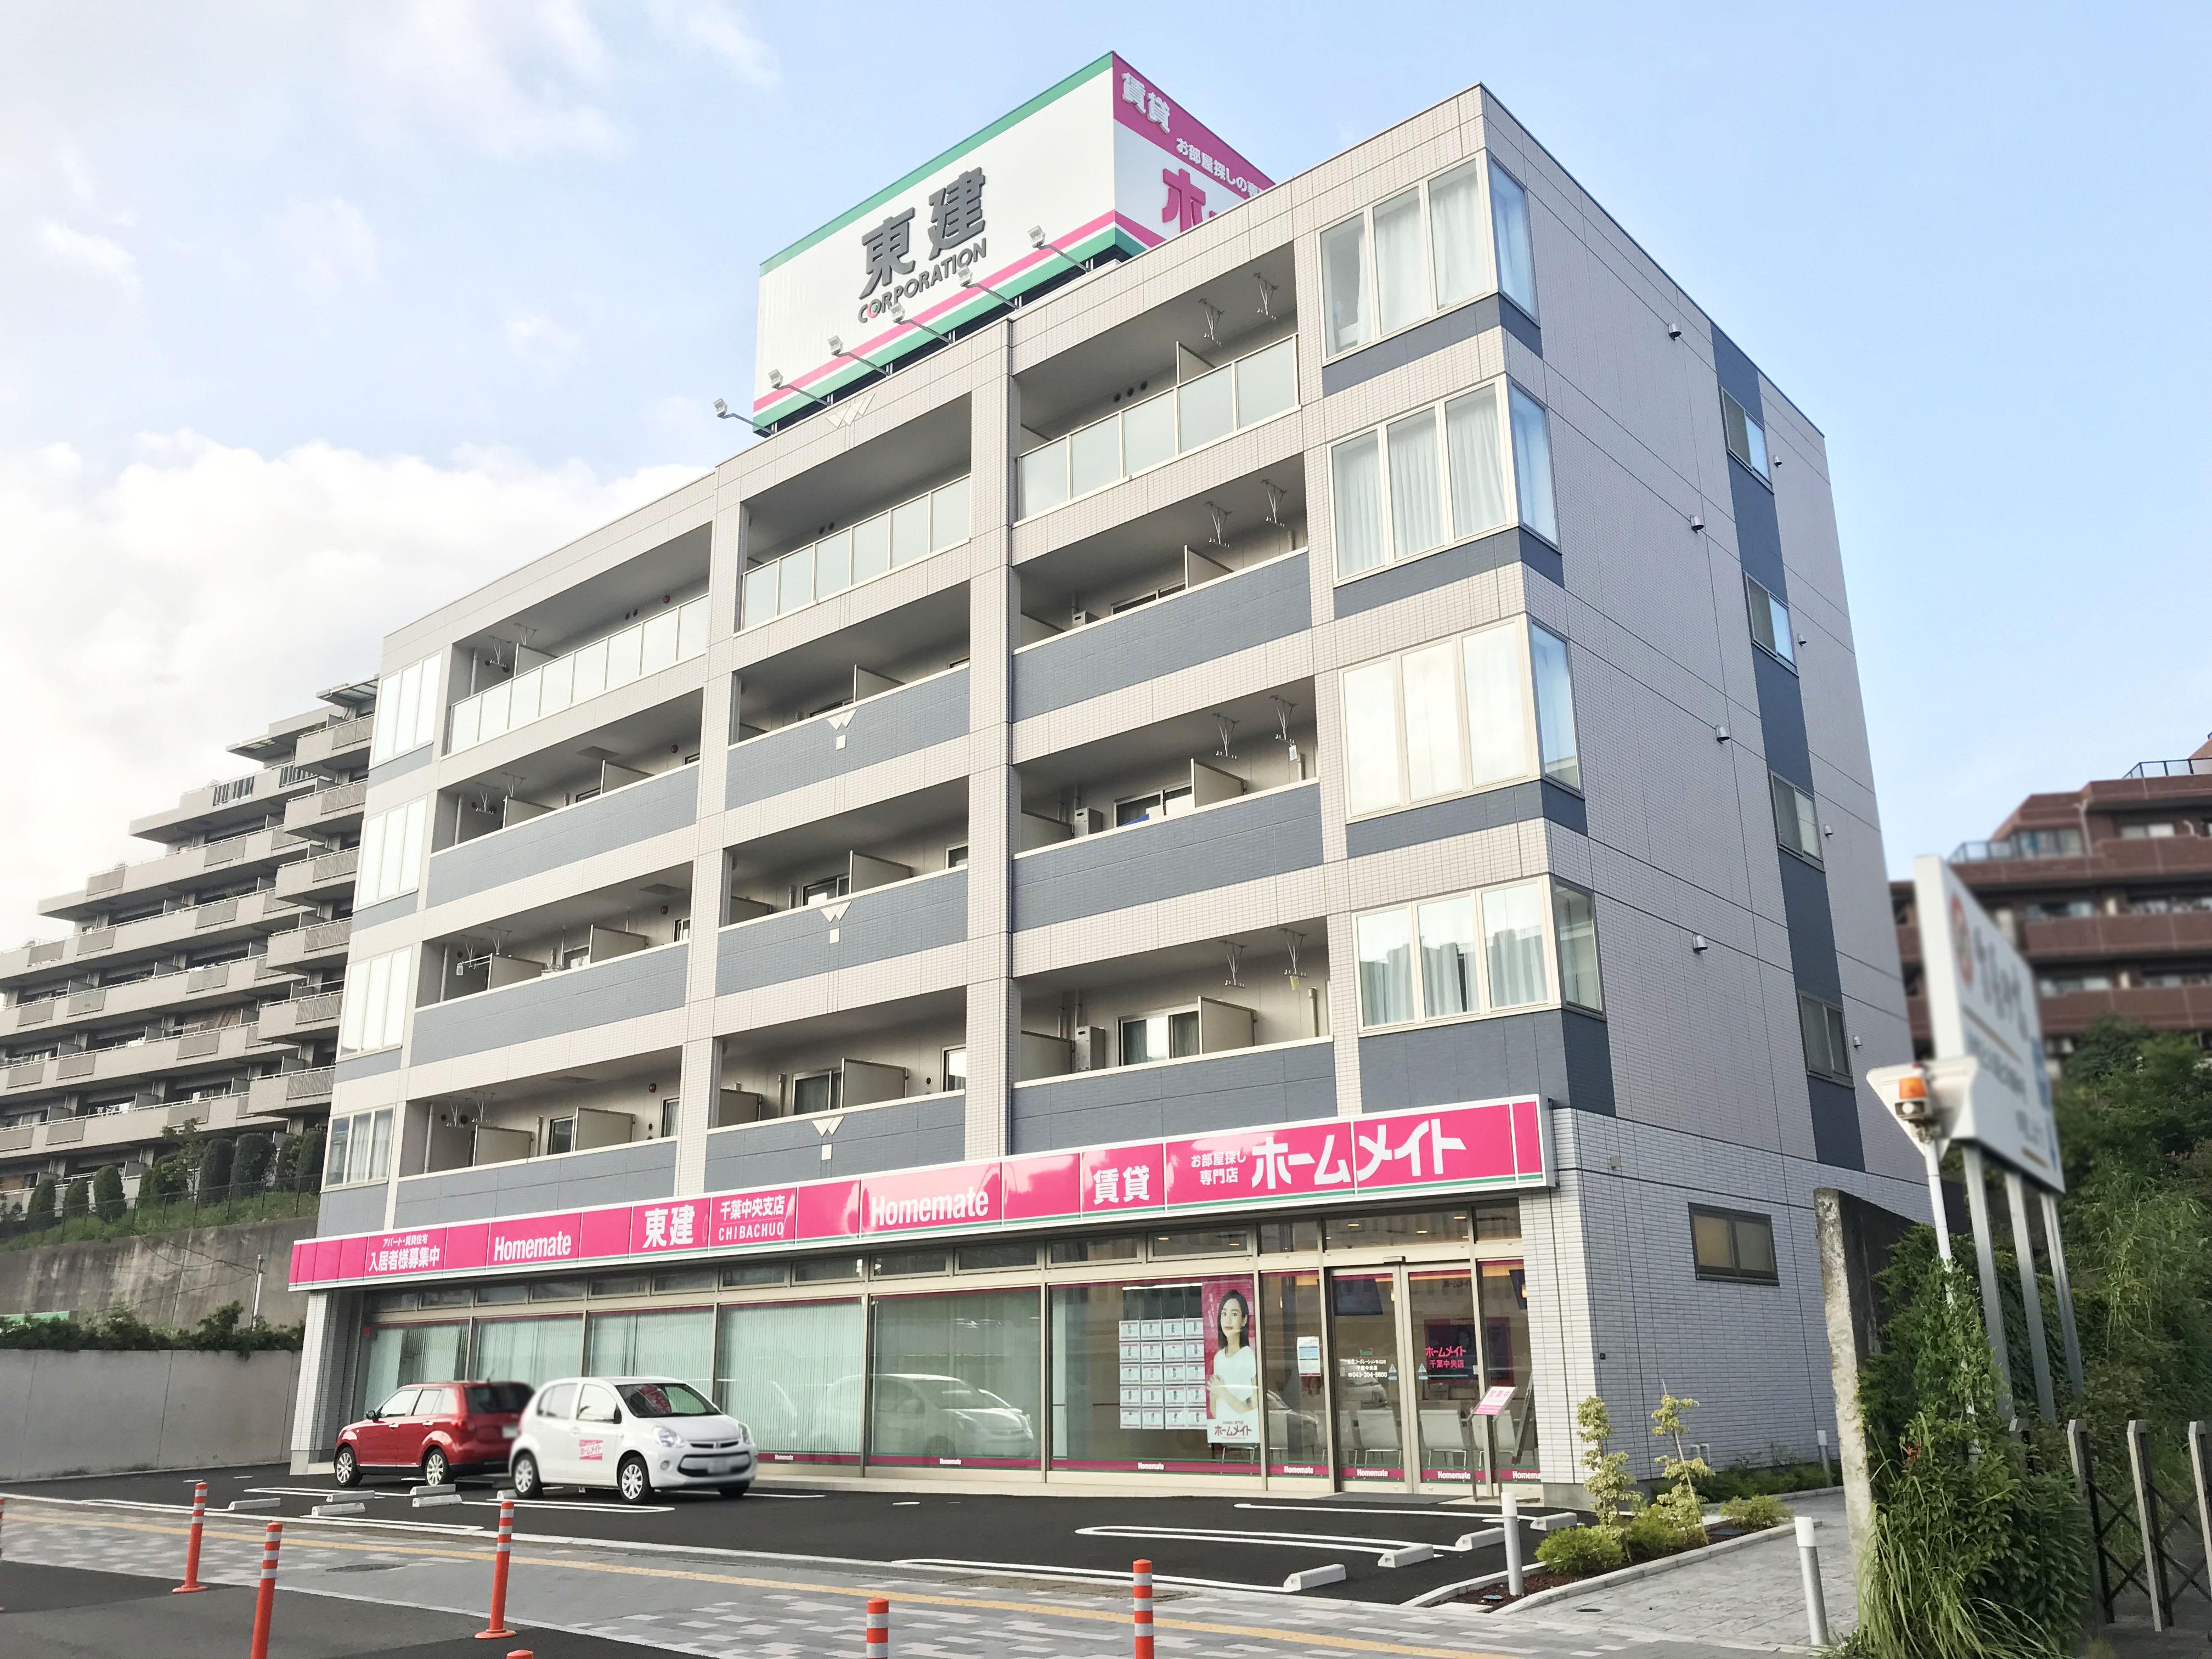 東建コーポレーション千葉中央支店